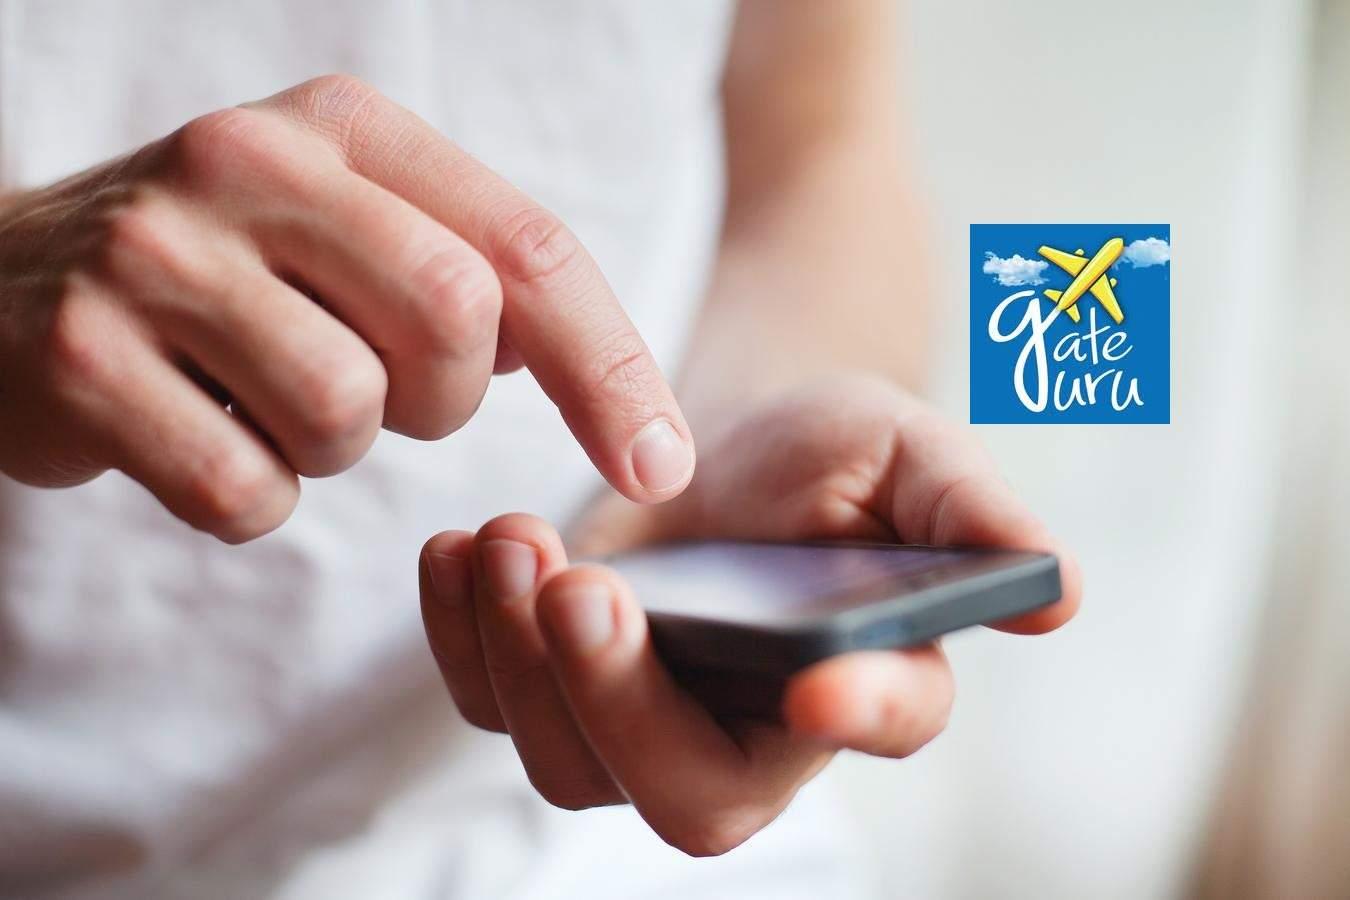 Приложения, которые не будут лишними в телефоне путешественника